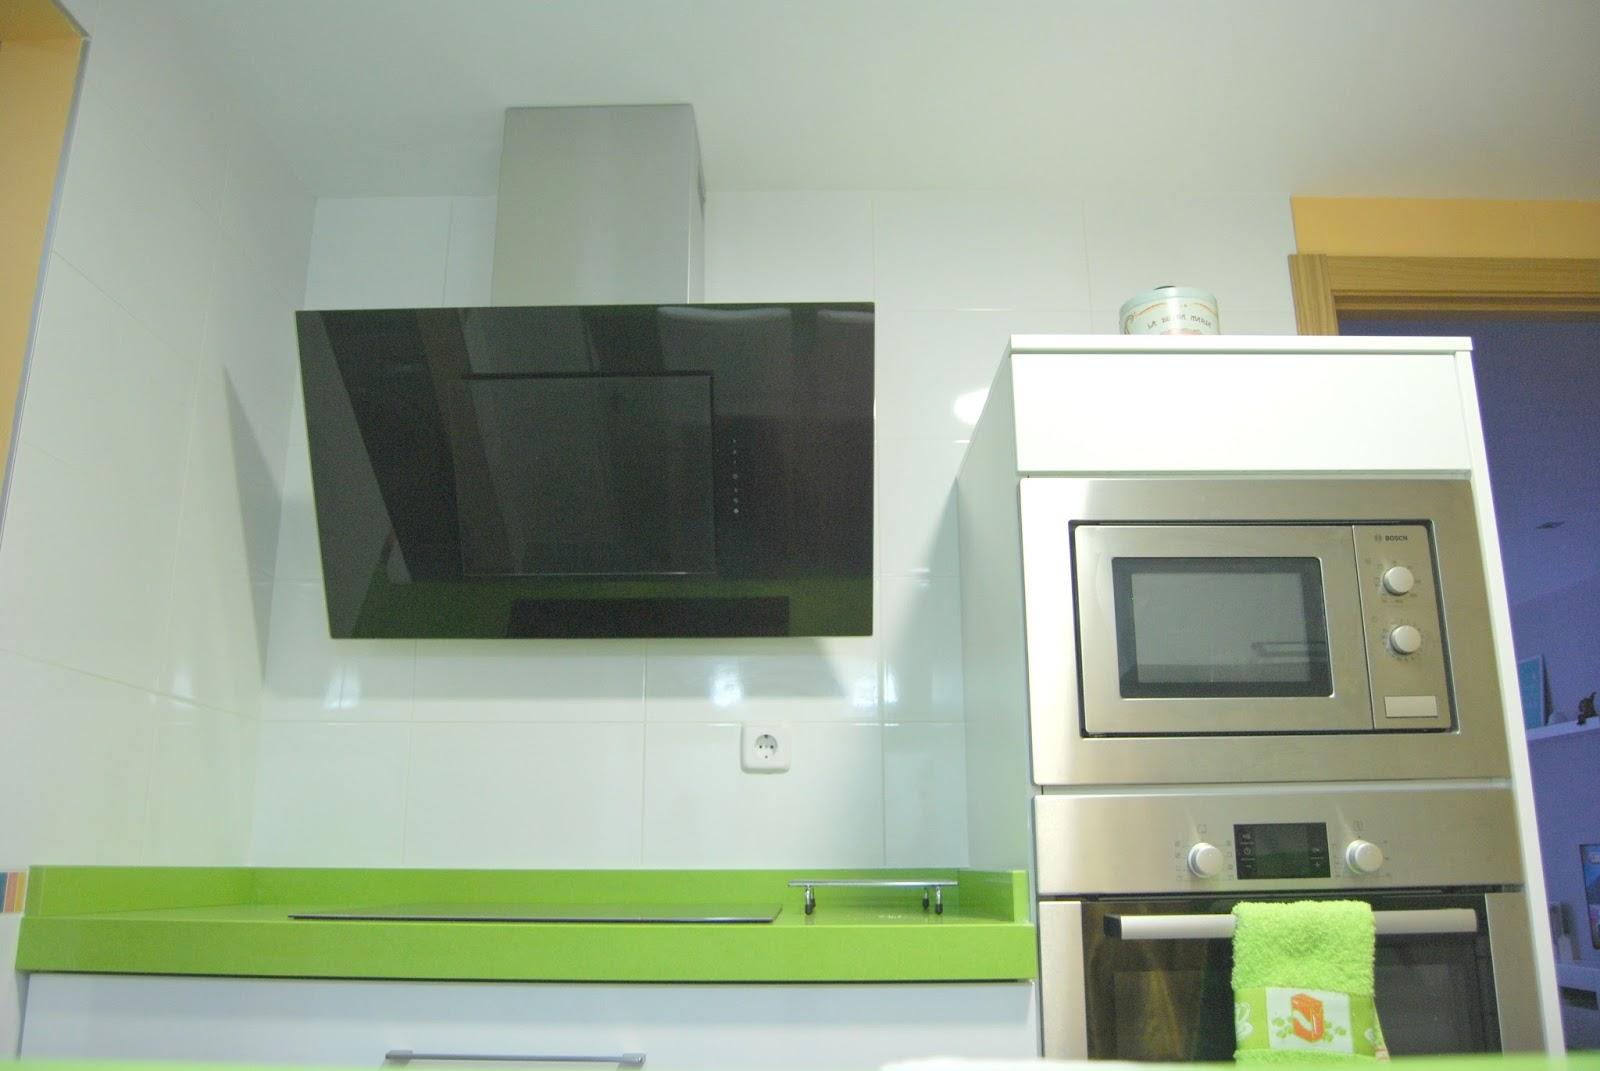 Petite mirinda c mo aprovechar el espacio en la cocina - Aprovechar espacio cocina ...